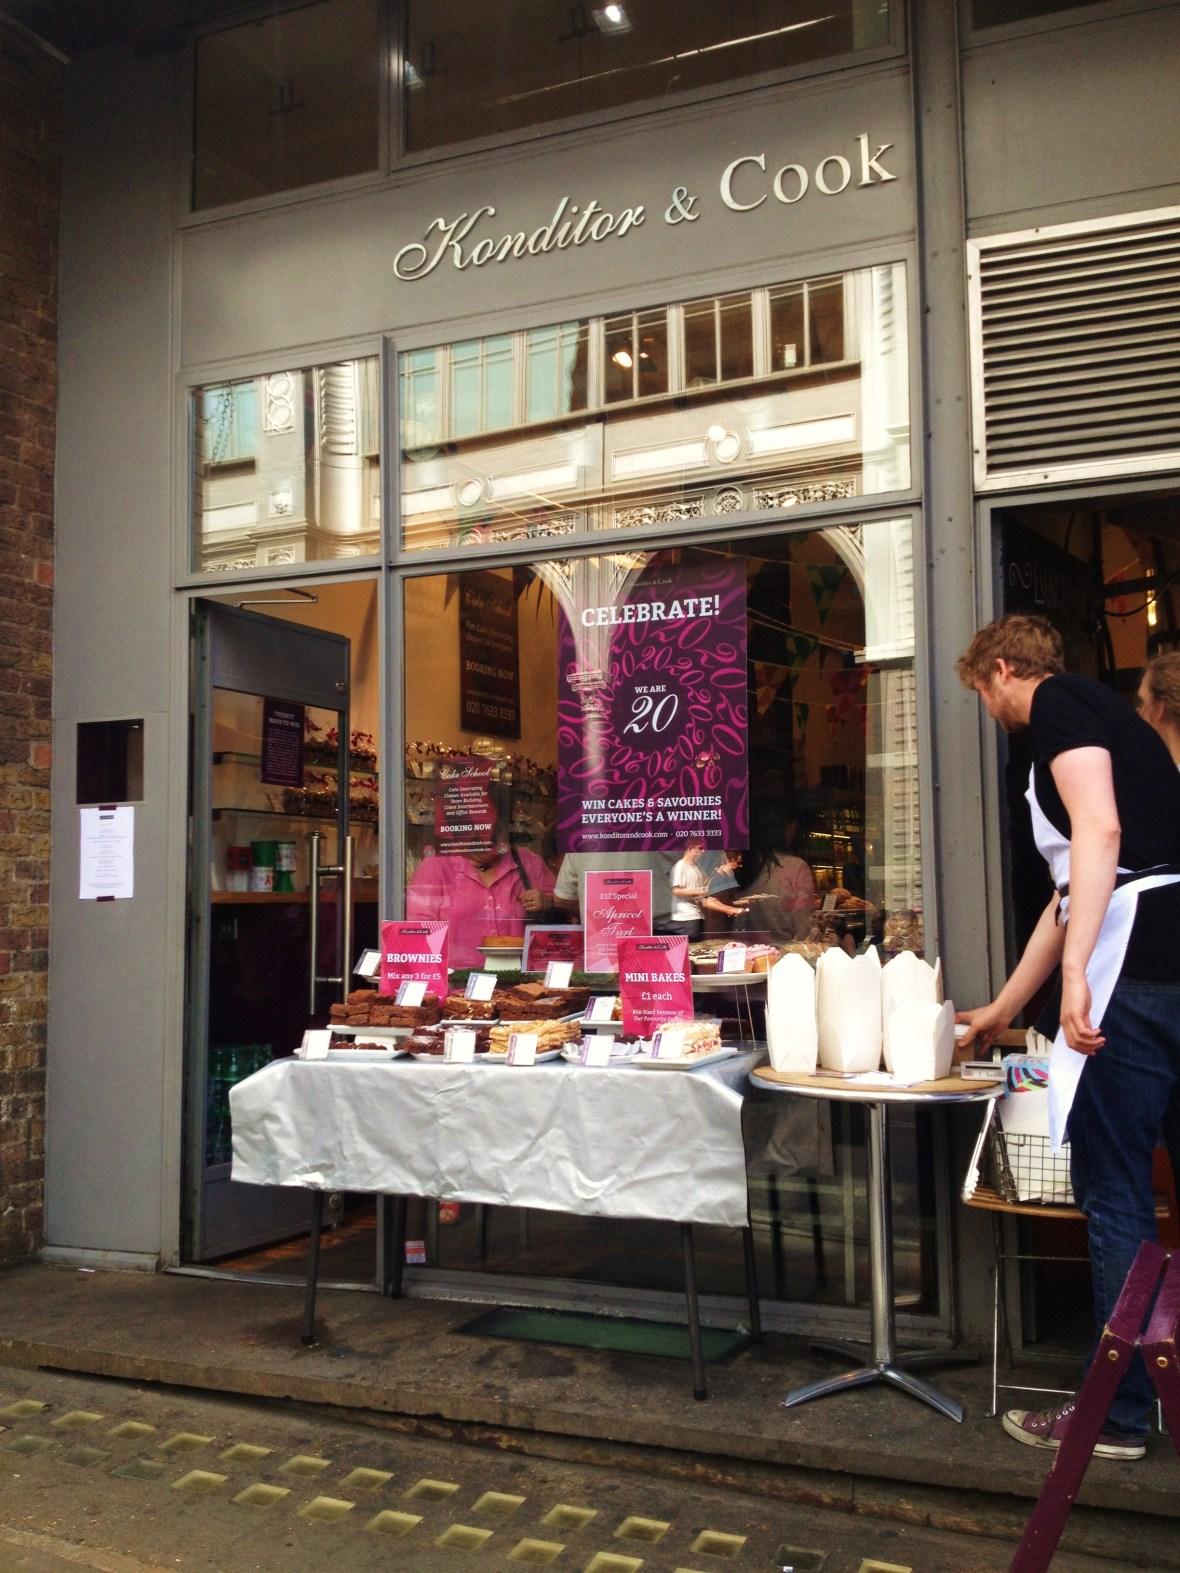 MoMo & Coco's Guide to London's Borough Market Desserts - Konditor & Cook